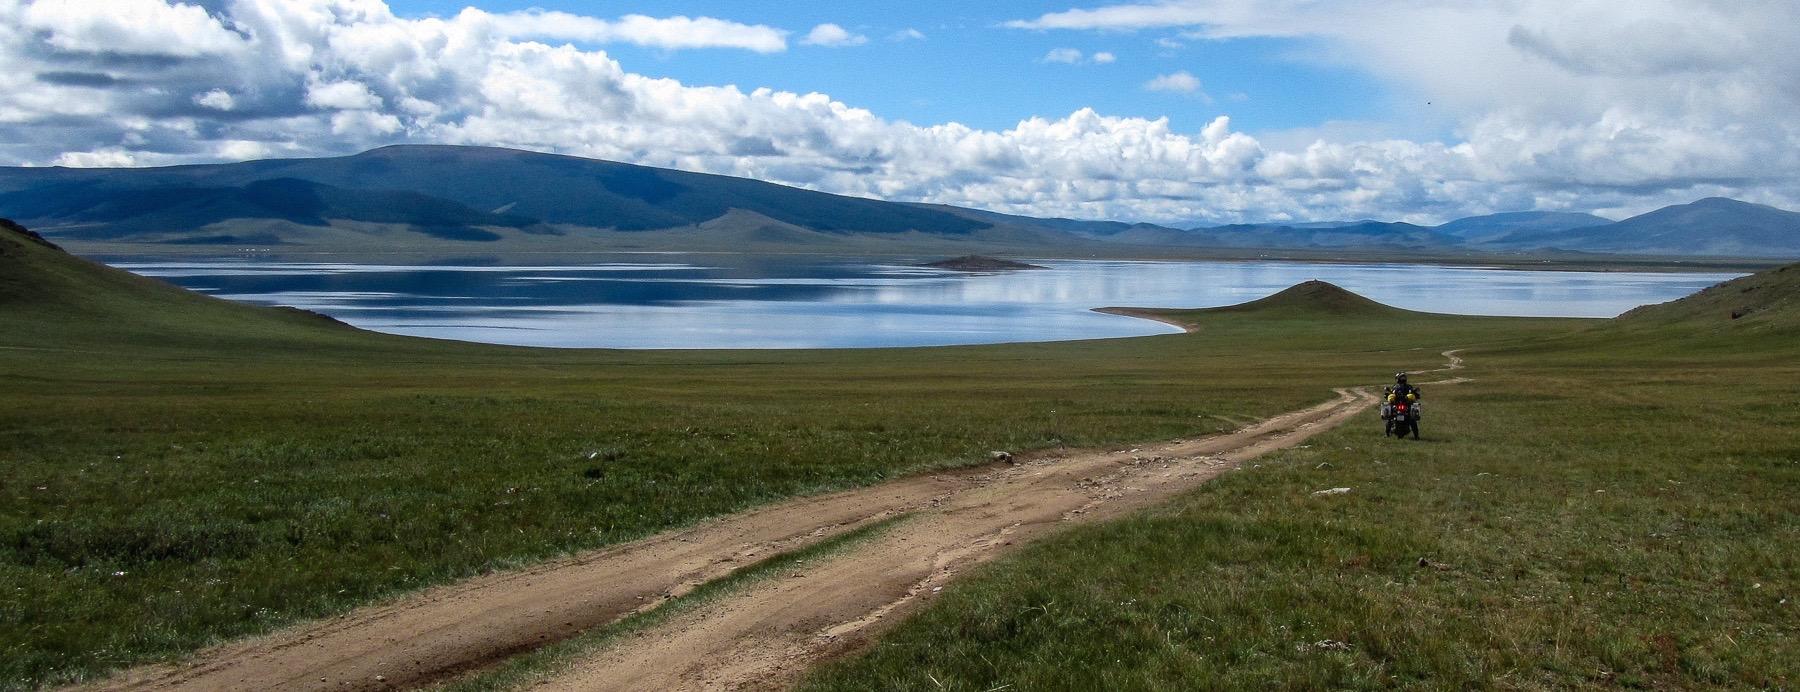 Mit dem Motorrad in der Mongolei am White Lake mit Yamaha XT660Z Ténéré